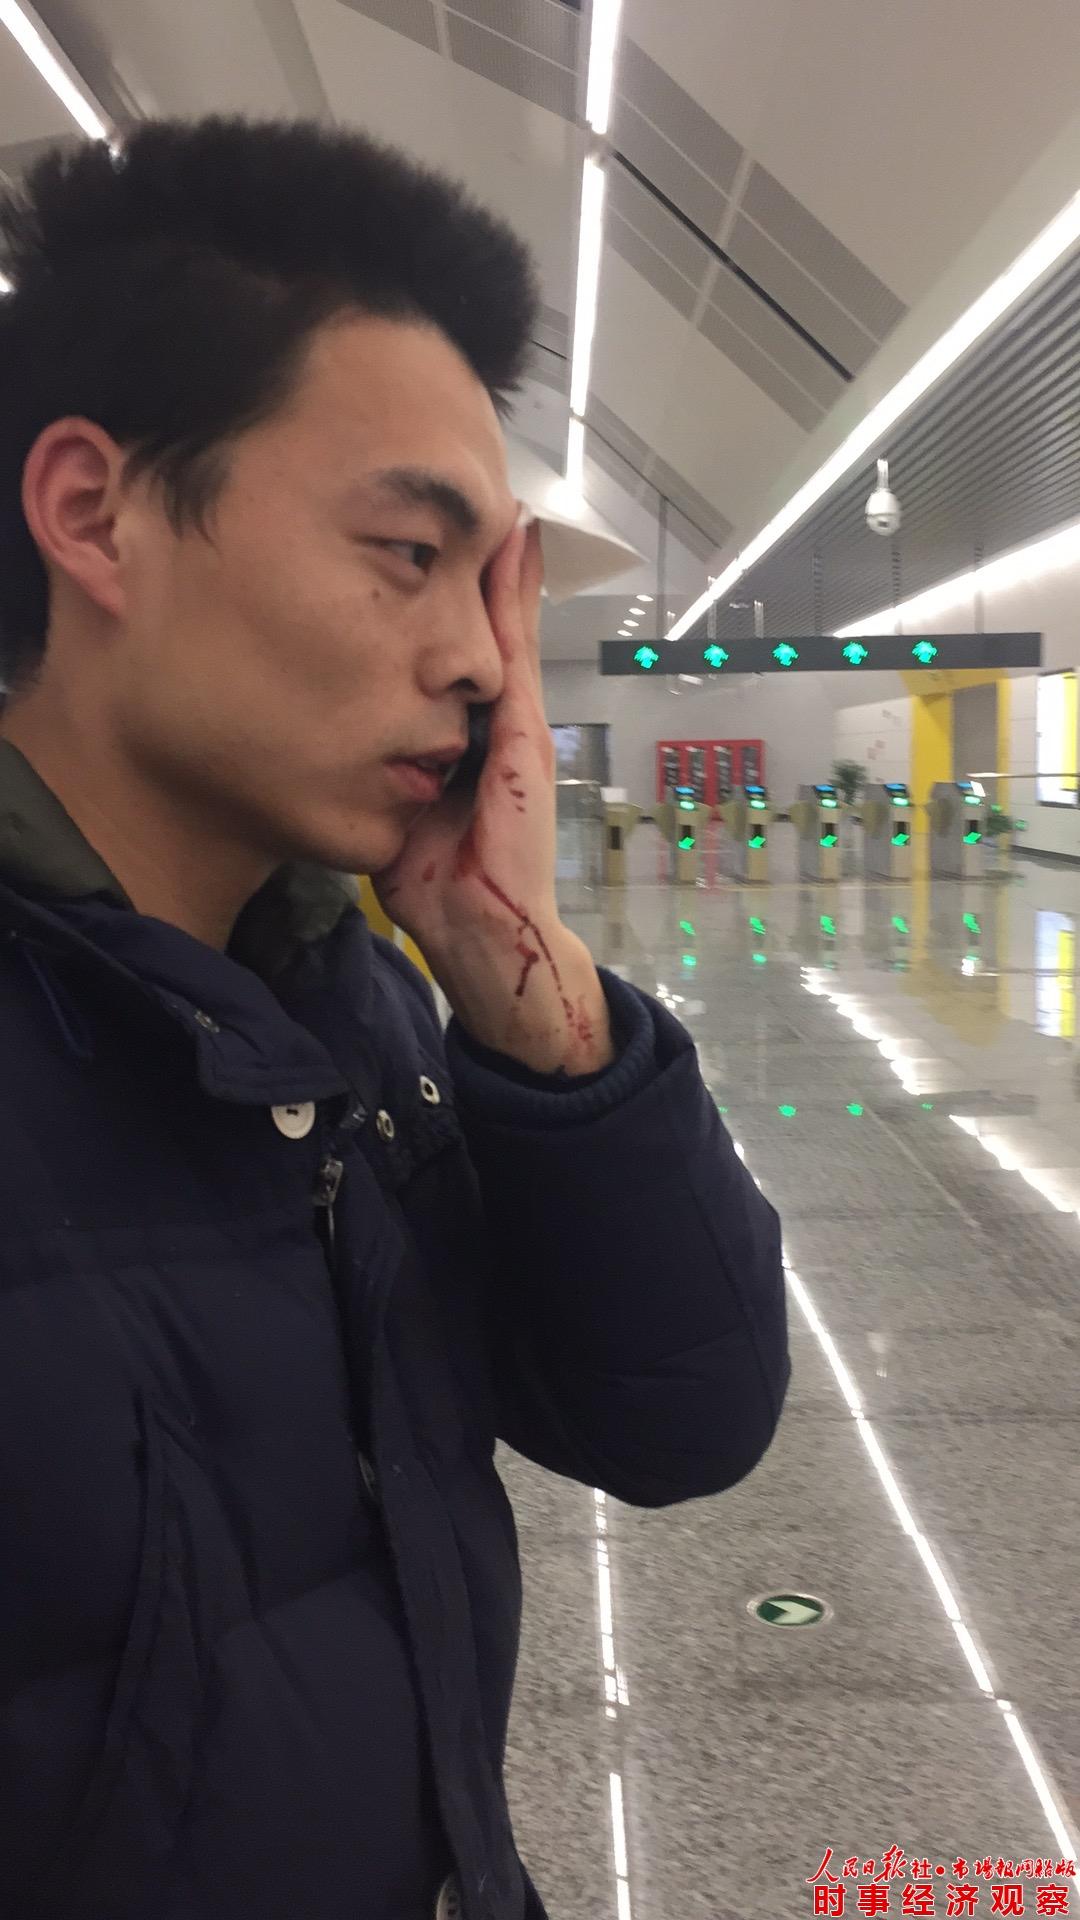 快讯:重庆轻轨环线海峡路至南湖站发生事故 有乘客受伤送医